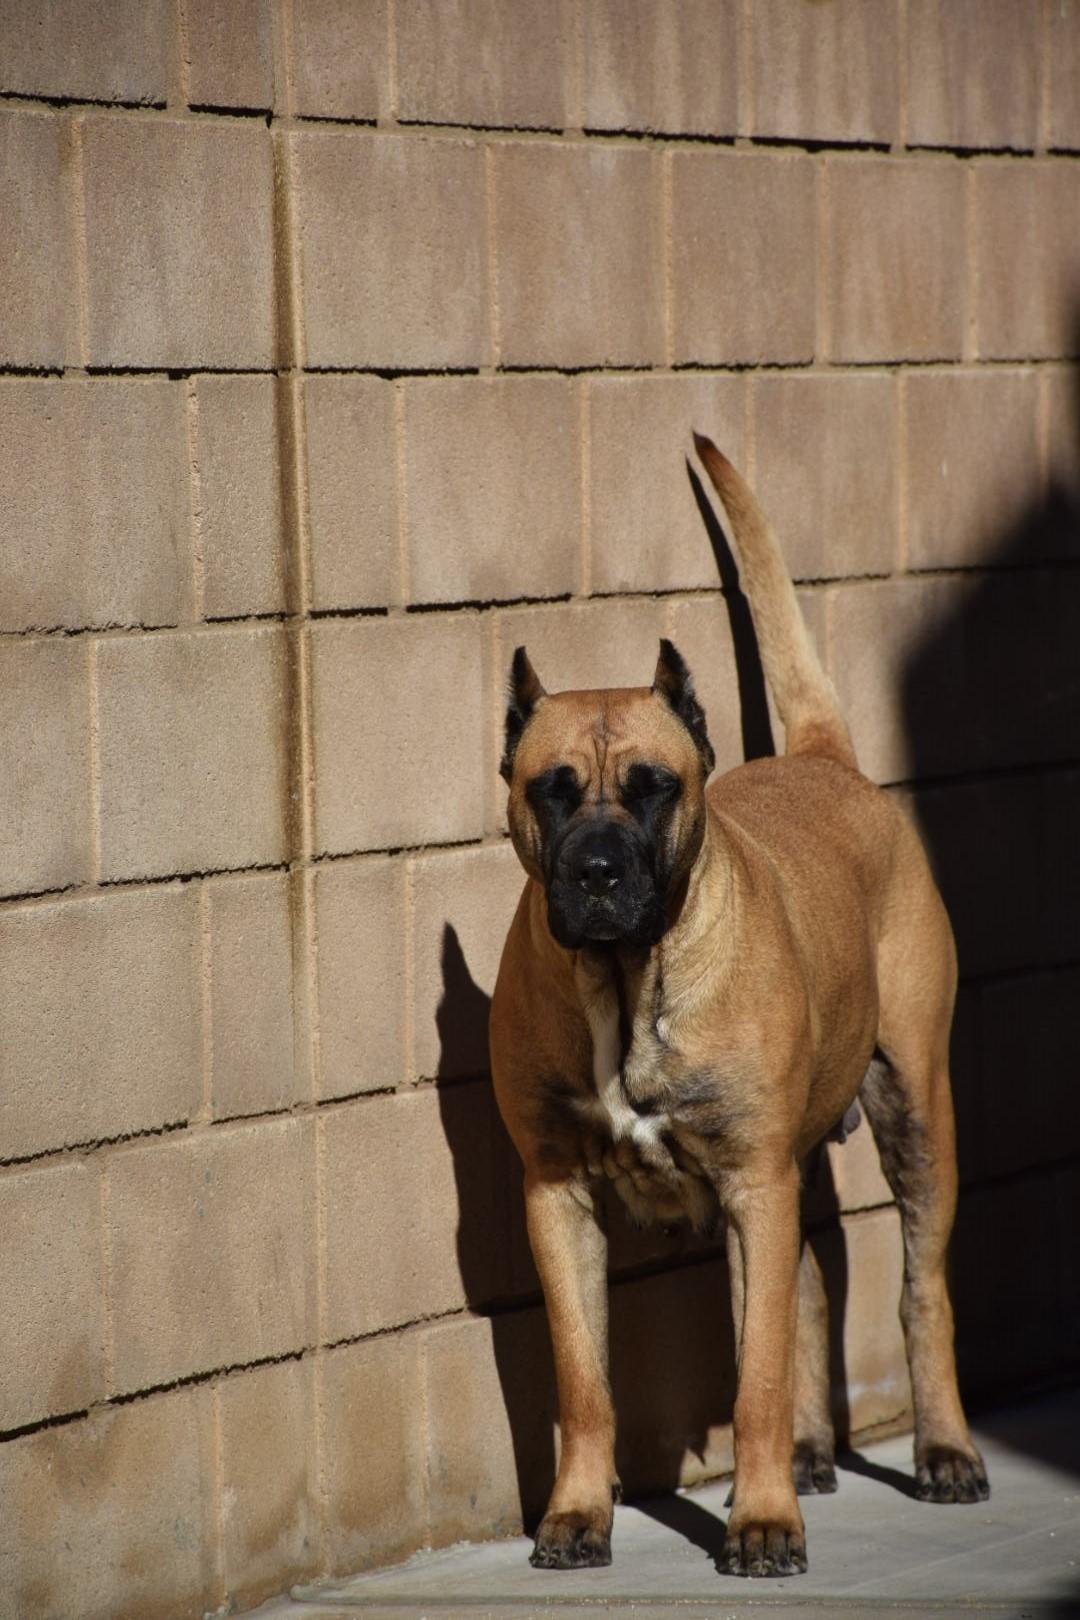 Socal Presa Canario - Presa Canario Puppies for Sale in ...